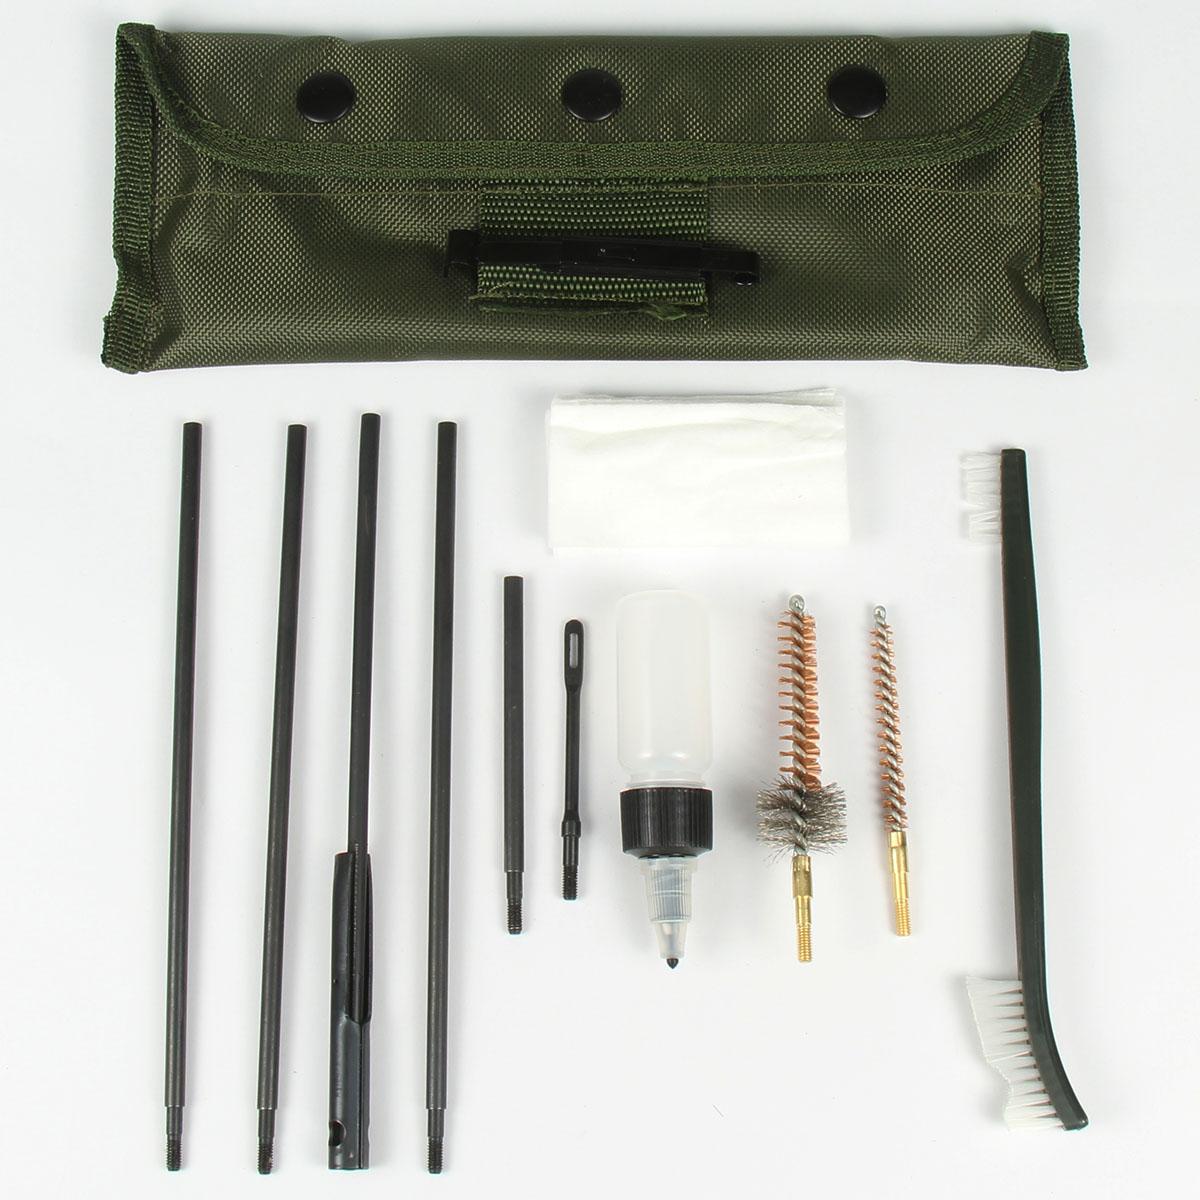 TACFUN 10pc Universal .22 cal .223 556 Rifle Gun Pistol Cleaning Kit Set